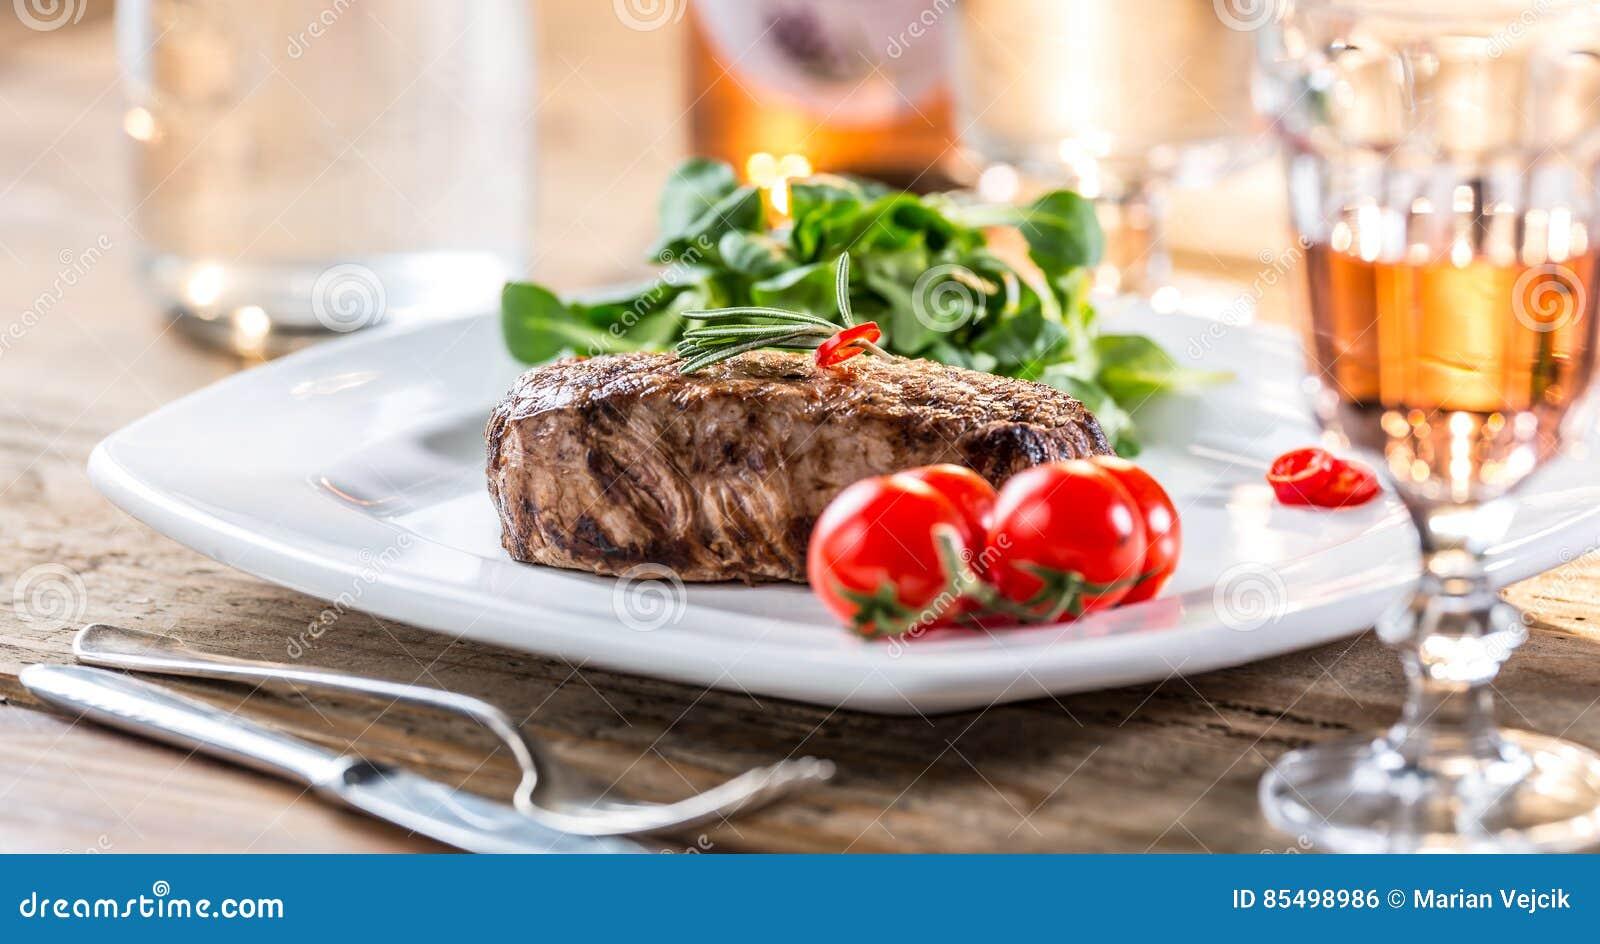 Bife de carne Bife de carne suculento Bife gourmet com vegetais e vidro do vinho cor-de-rosa na tabela de madeira